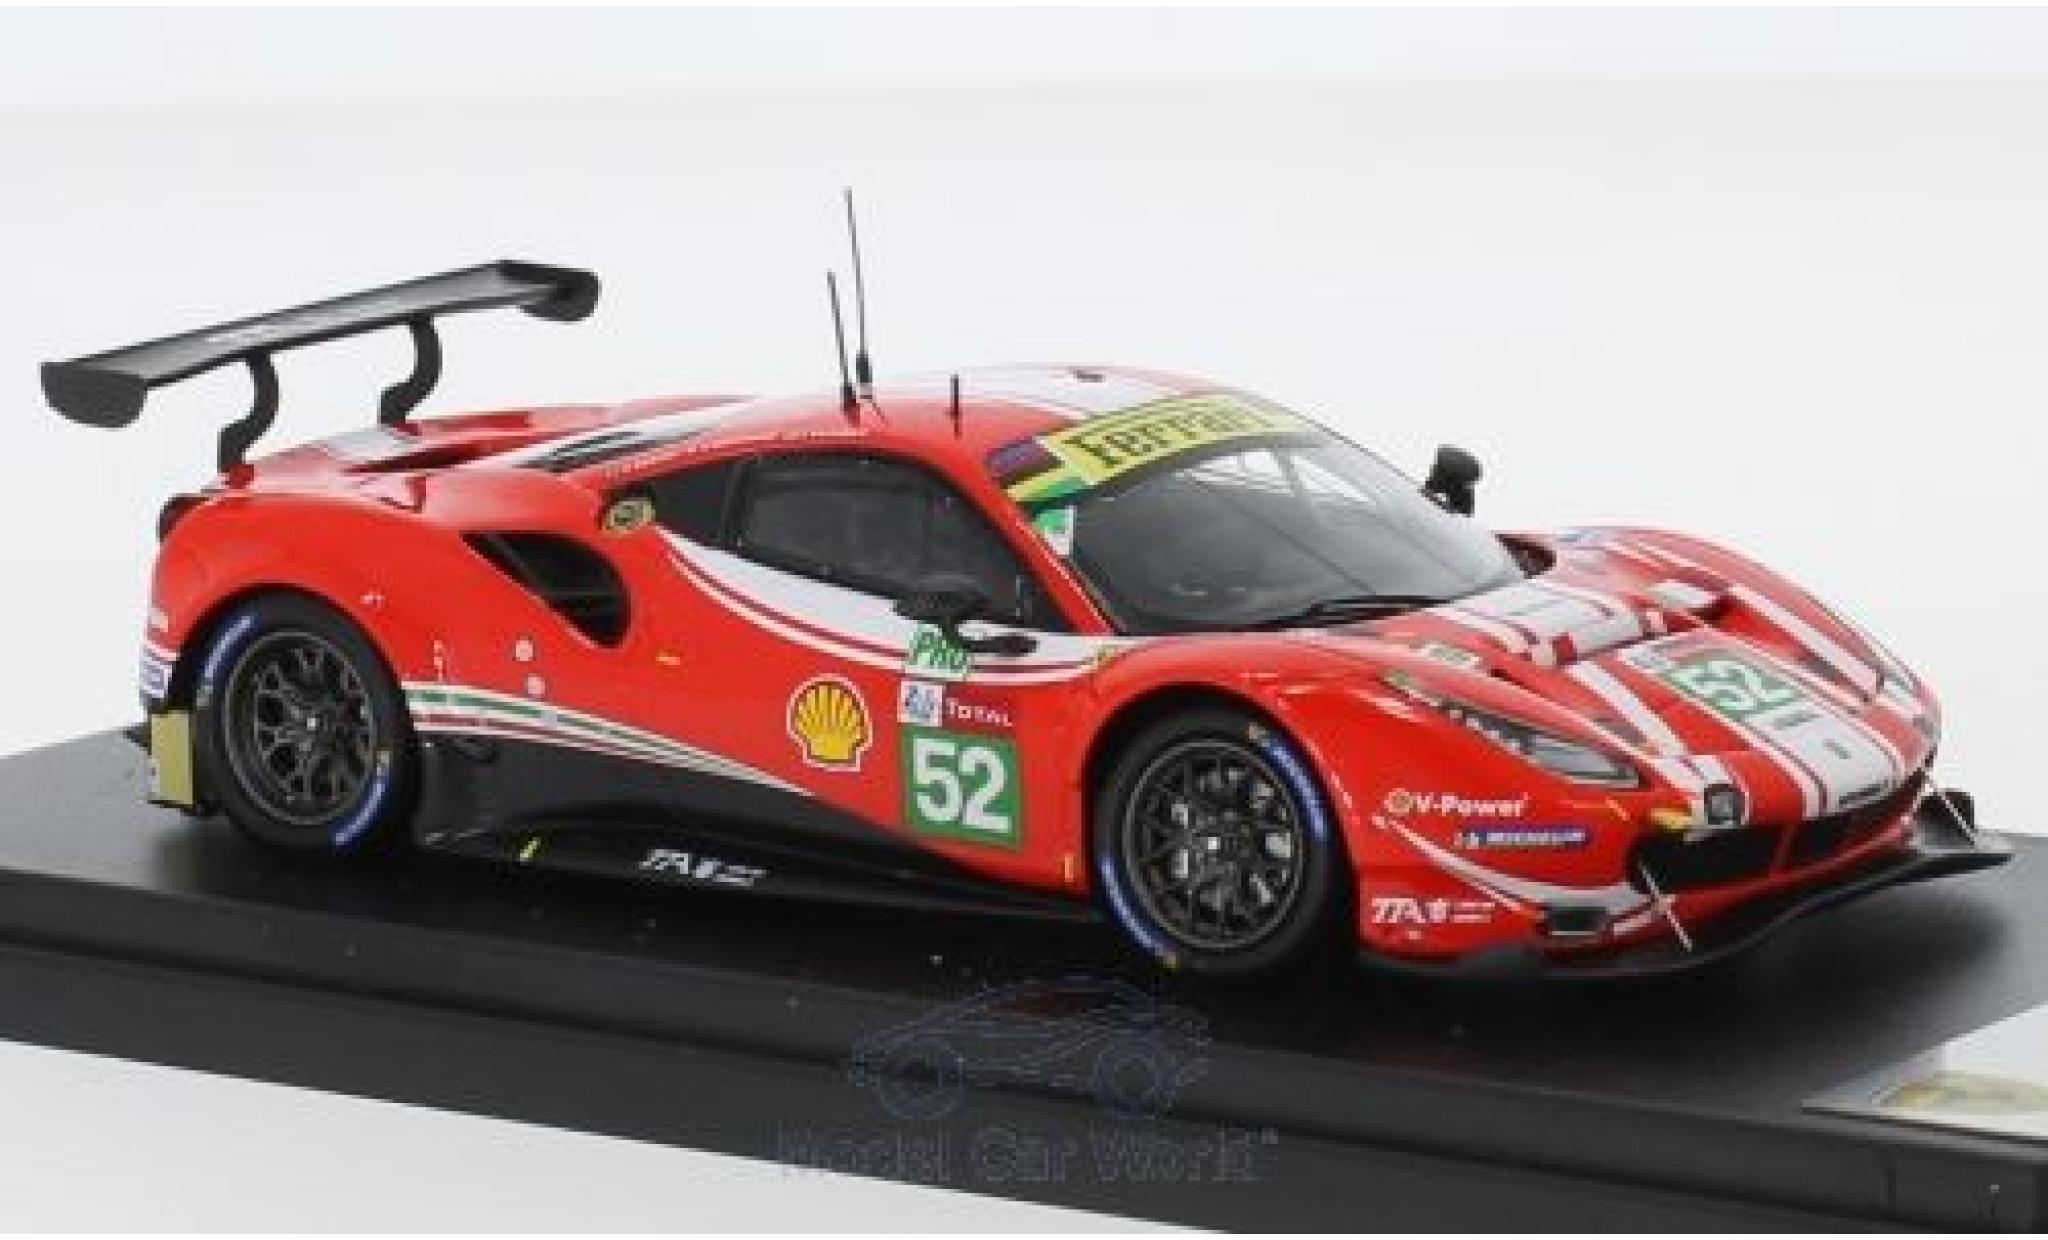 Ferrari 488 1/43 Look Smart GTE Evo No.52 AF Corse 24h Le Mans 2018 T.Vilander/A.Giovinazzi/L.F.Derani